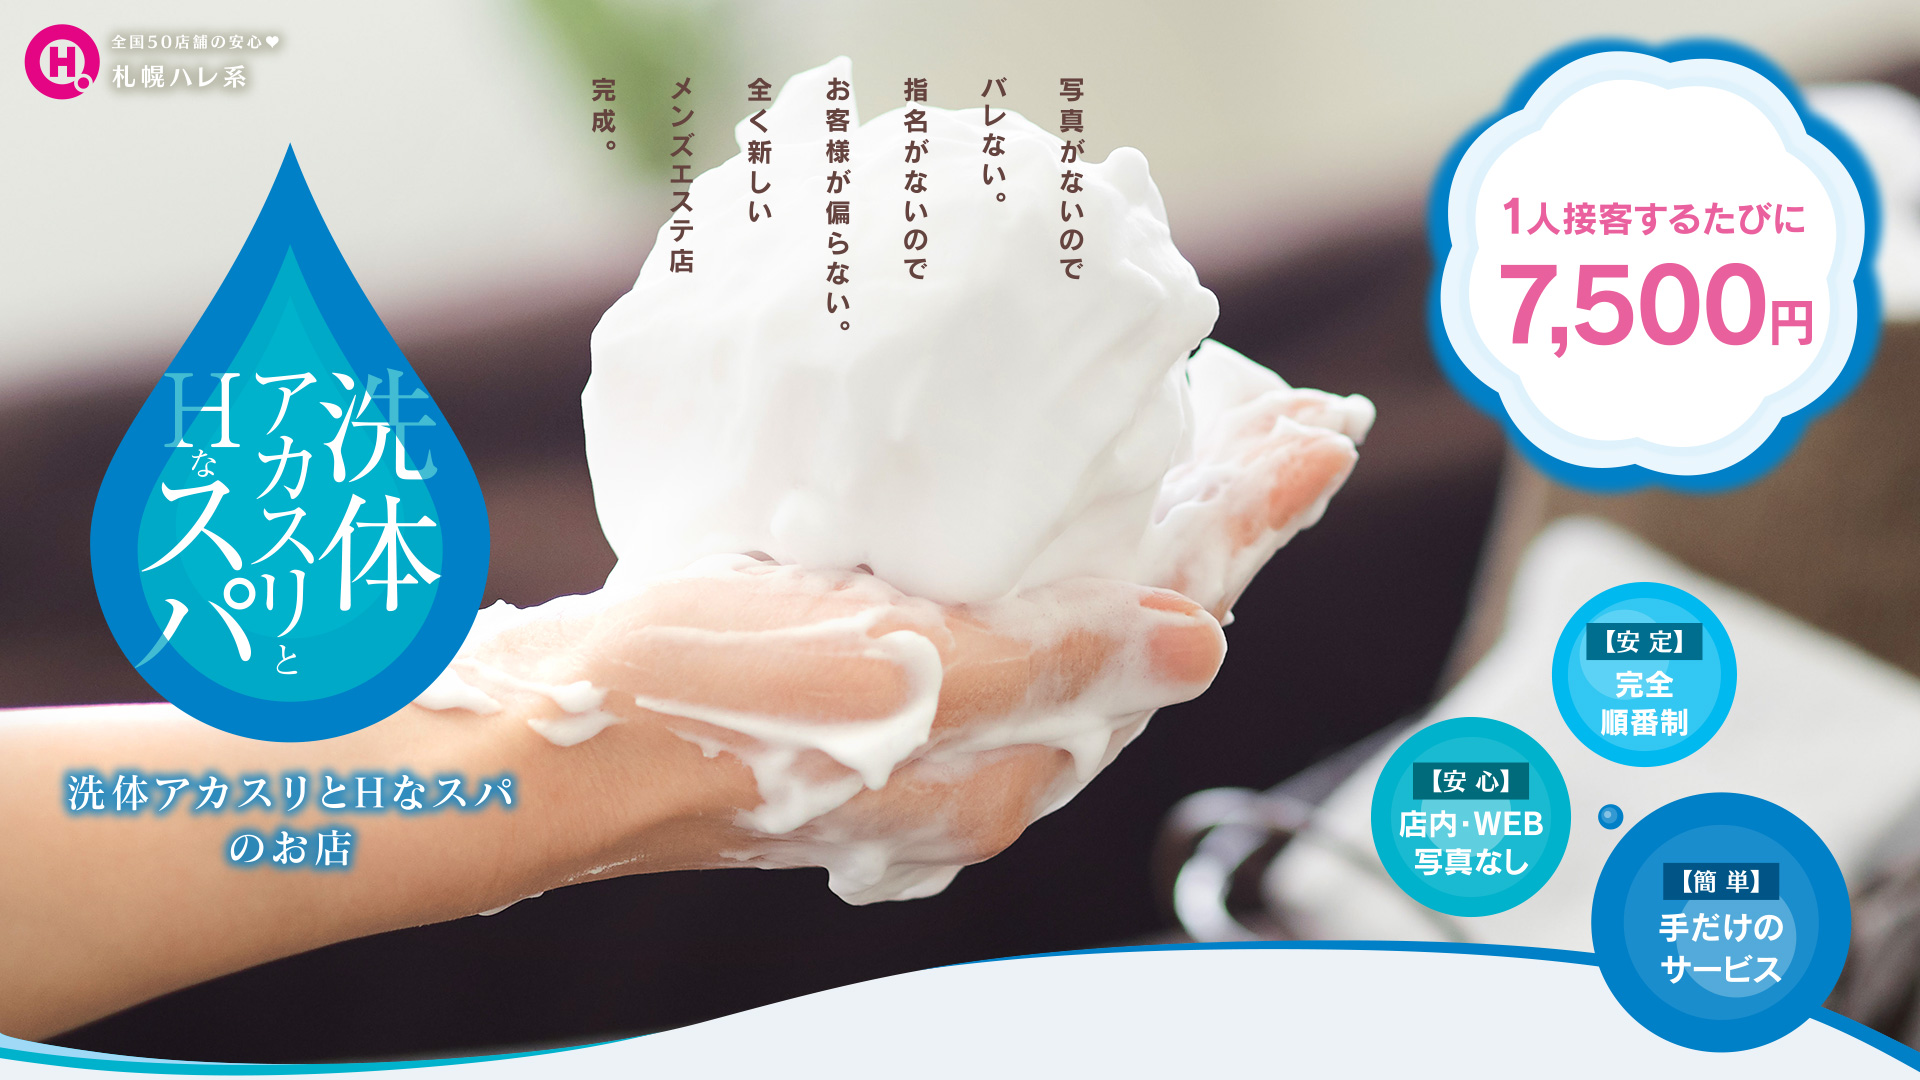 洗体アカスリとHなスパのお店(札幌ハレ系)の求人画像